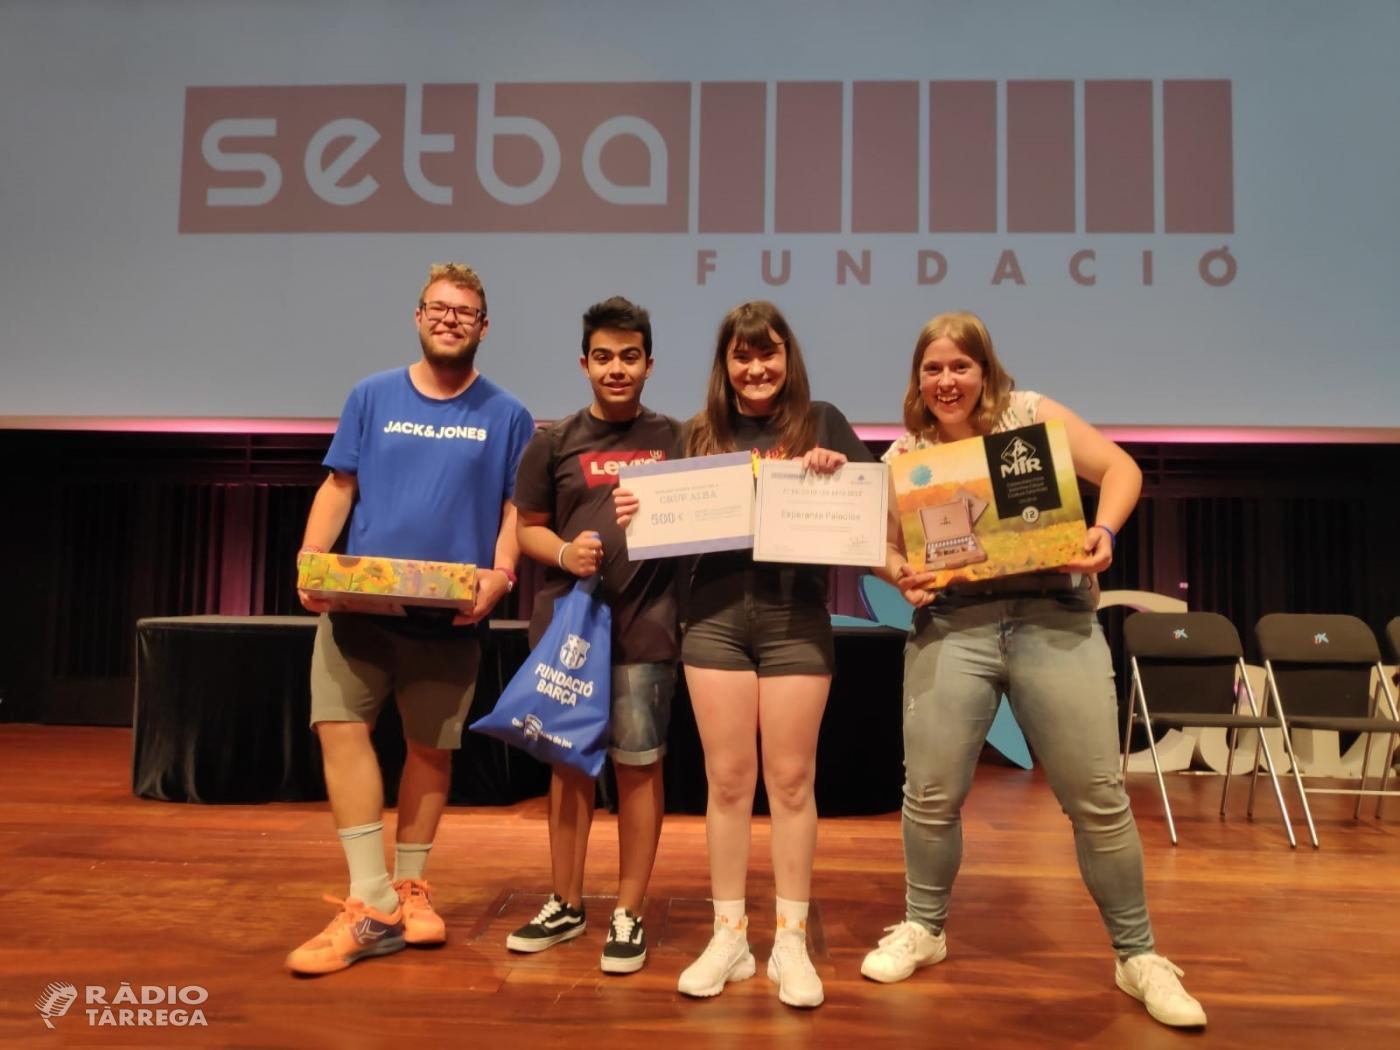 Dos alumnes de l'escola del Grup Alba guanyen els 1rs premis del certamen de pintura El Balcó de les Arts 2019 i disseny Bardinet de la Fundació SETBA